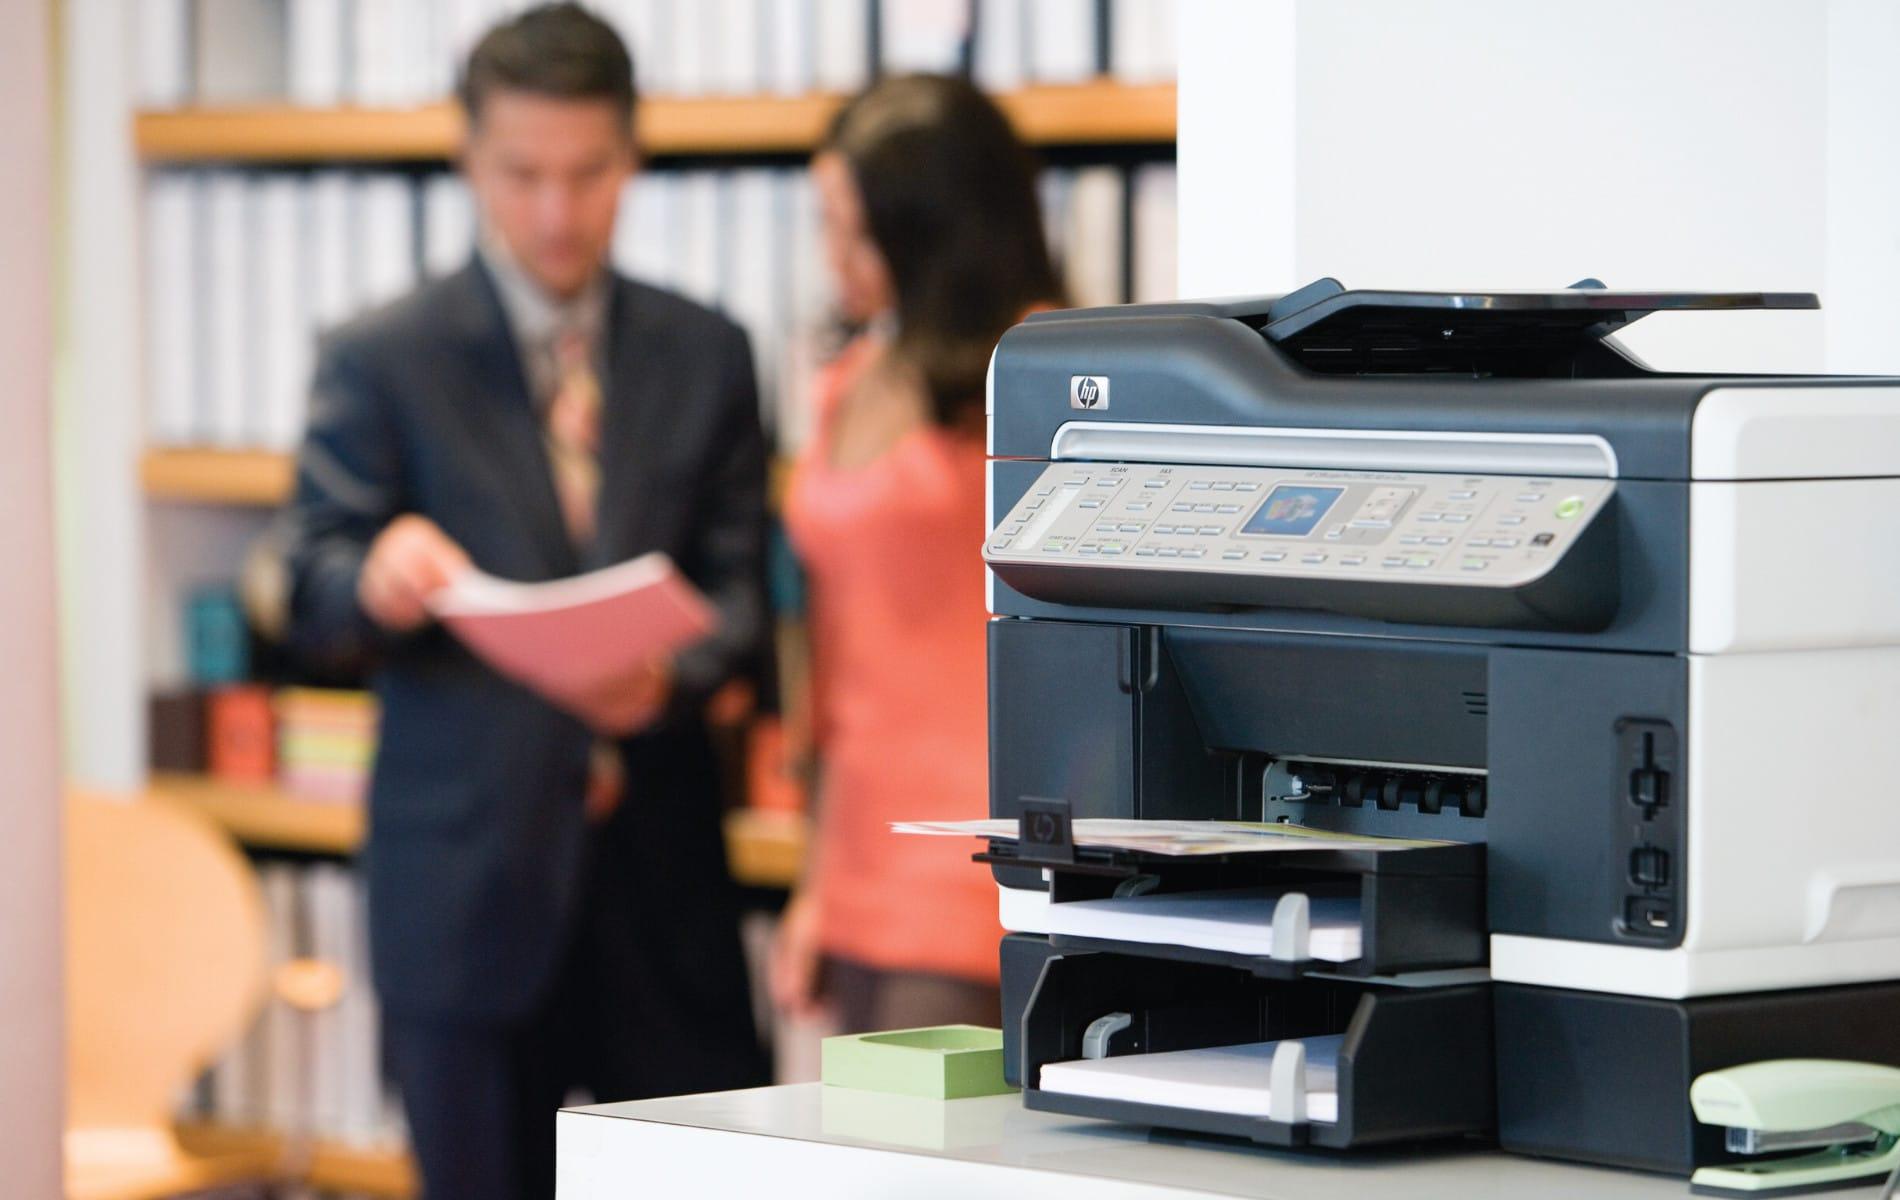 Um die Daten verarbeiten zu können, muss der Drucker oder Kopierer eine bestimmte Druckersprache verstehen